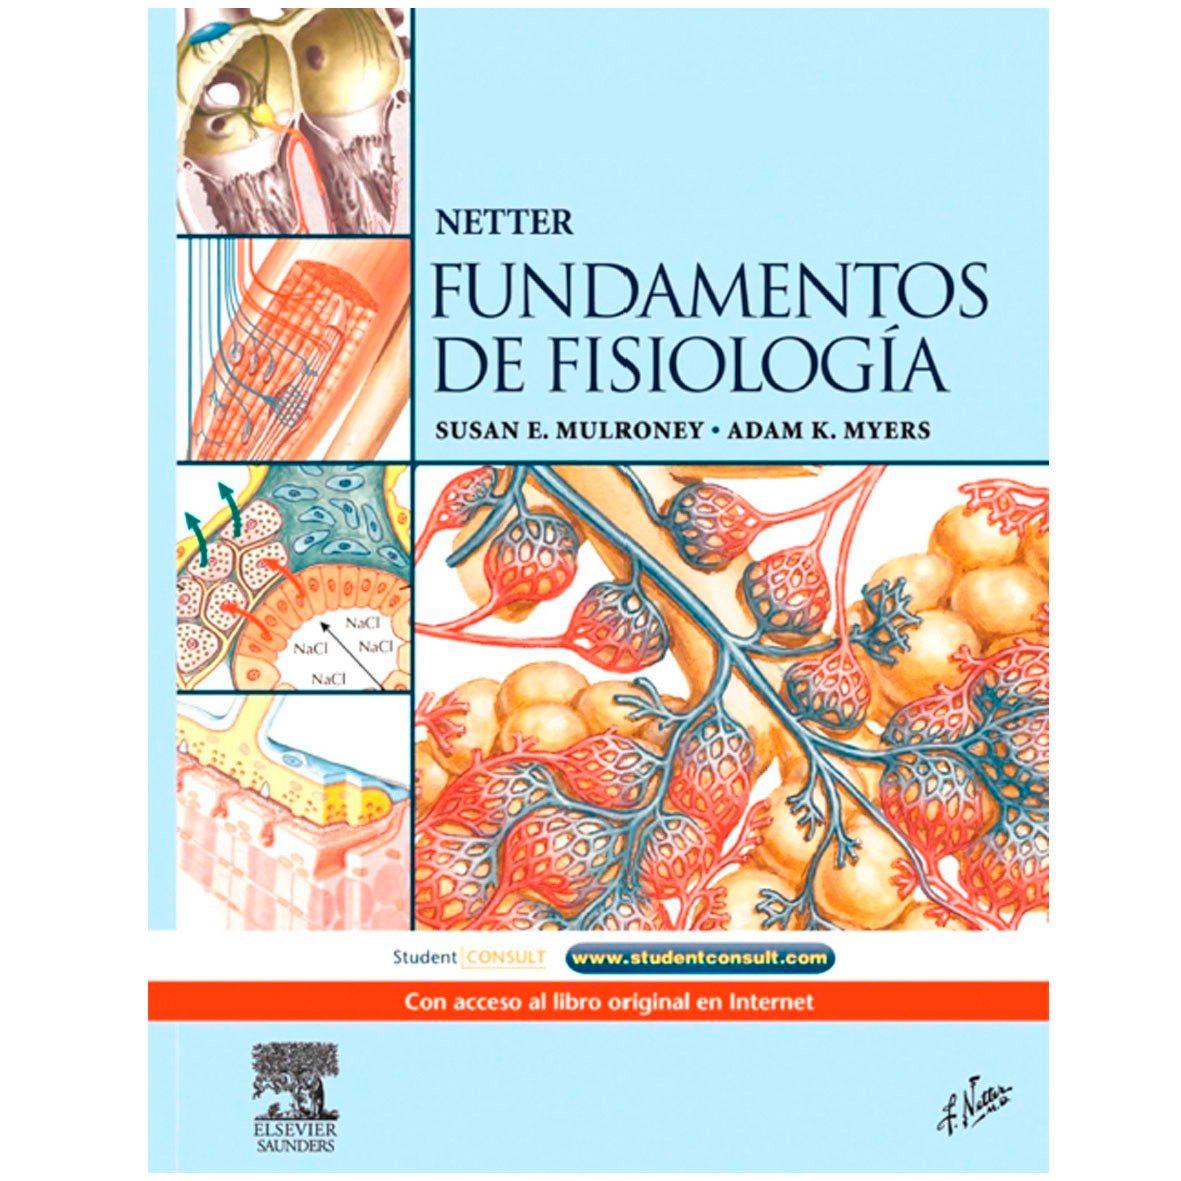 Vistoso Anatomía Y La Fisiología De Martini De Libros Electrónicos ...